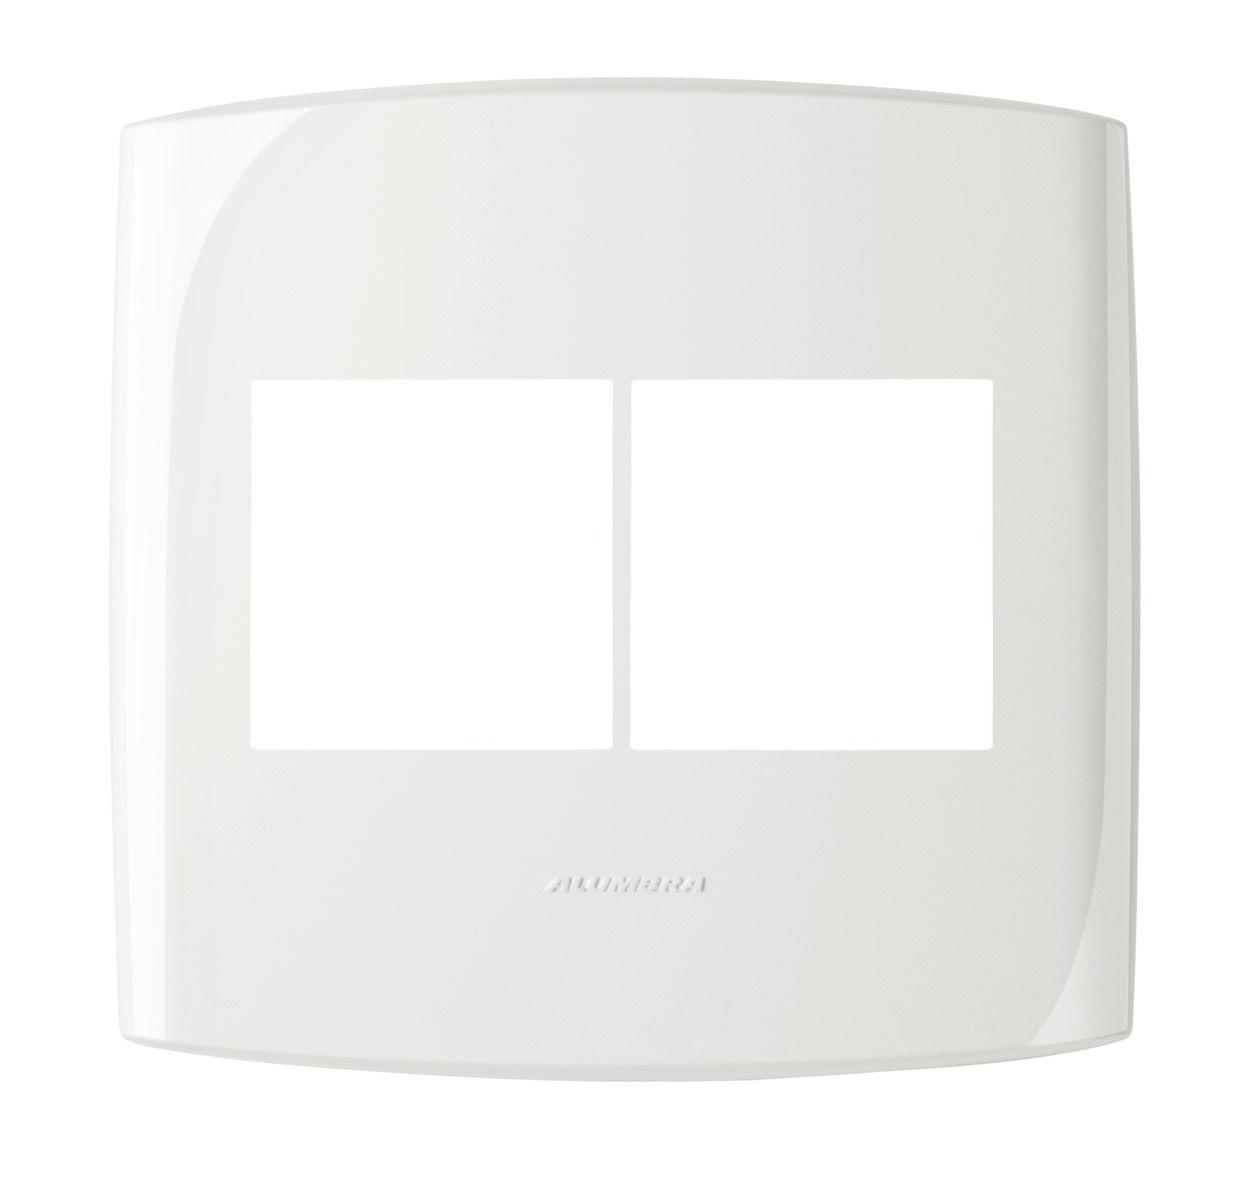 Placas 4x4 cor Branco linha BLISS